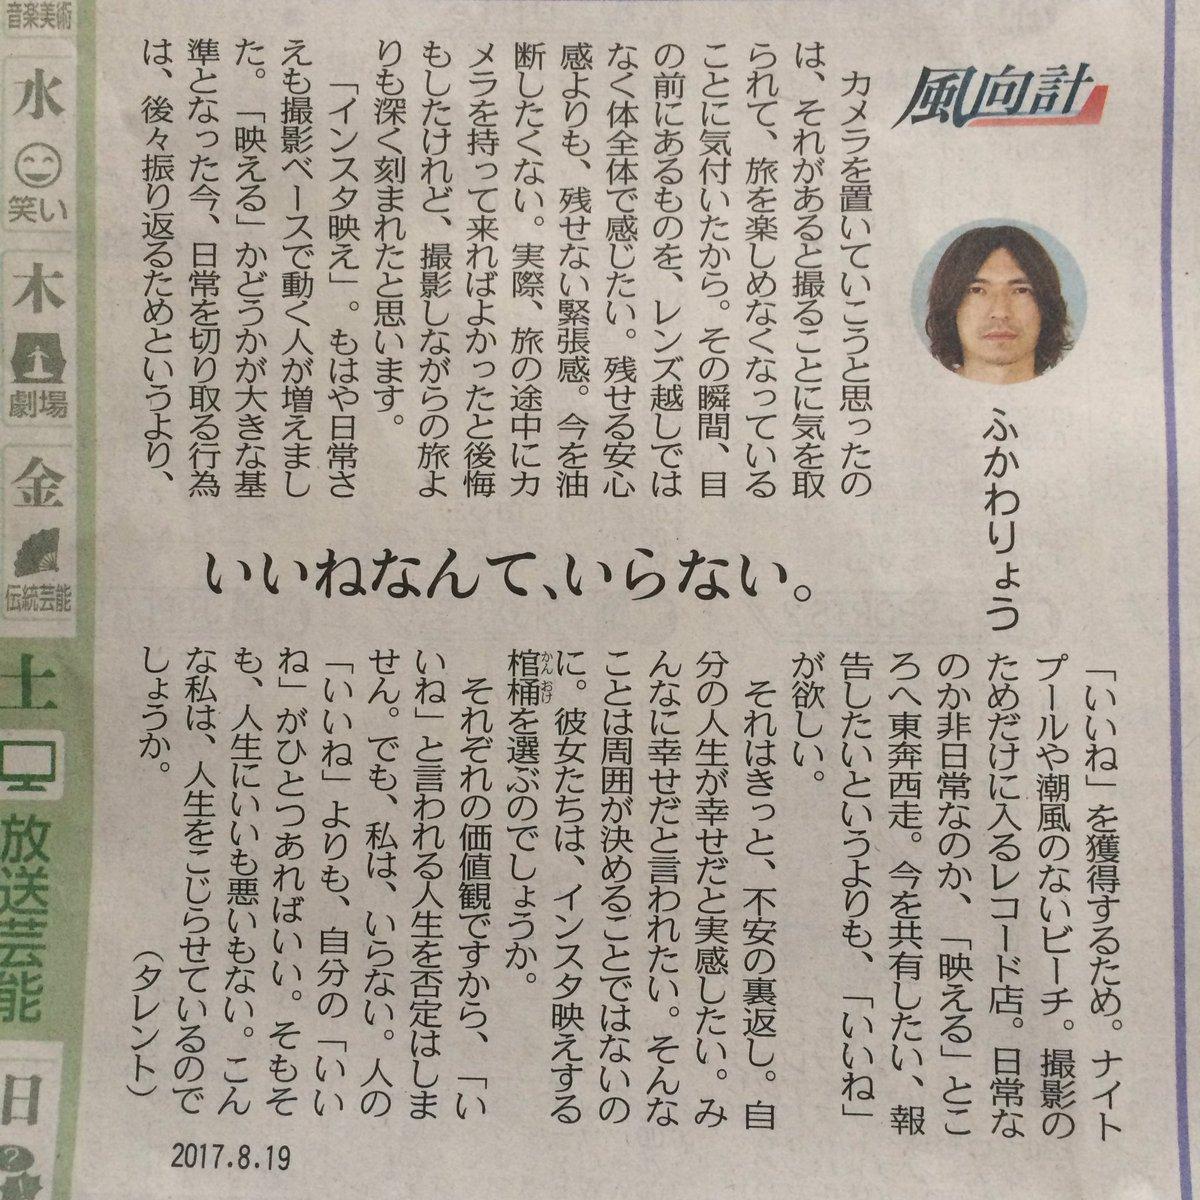 ふかわりょうさん「いいねなんて、いらない」2017.8.19 東京新聞 pic.twitter.com/8G5zb6N9UY